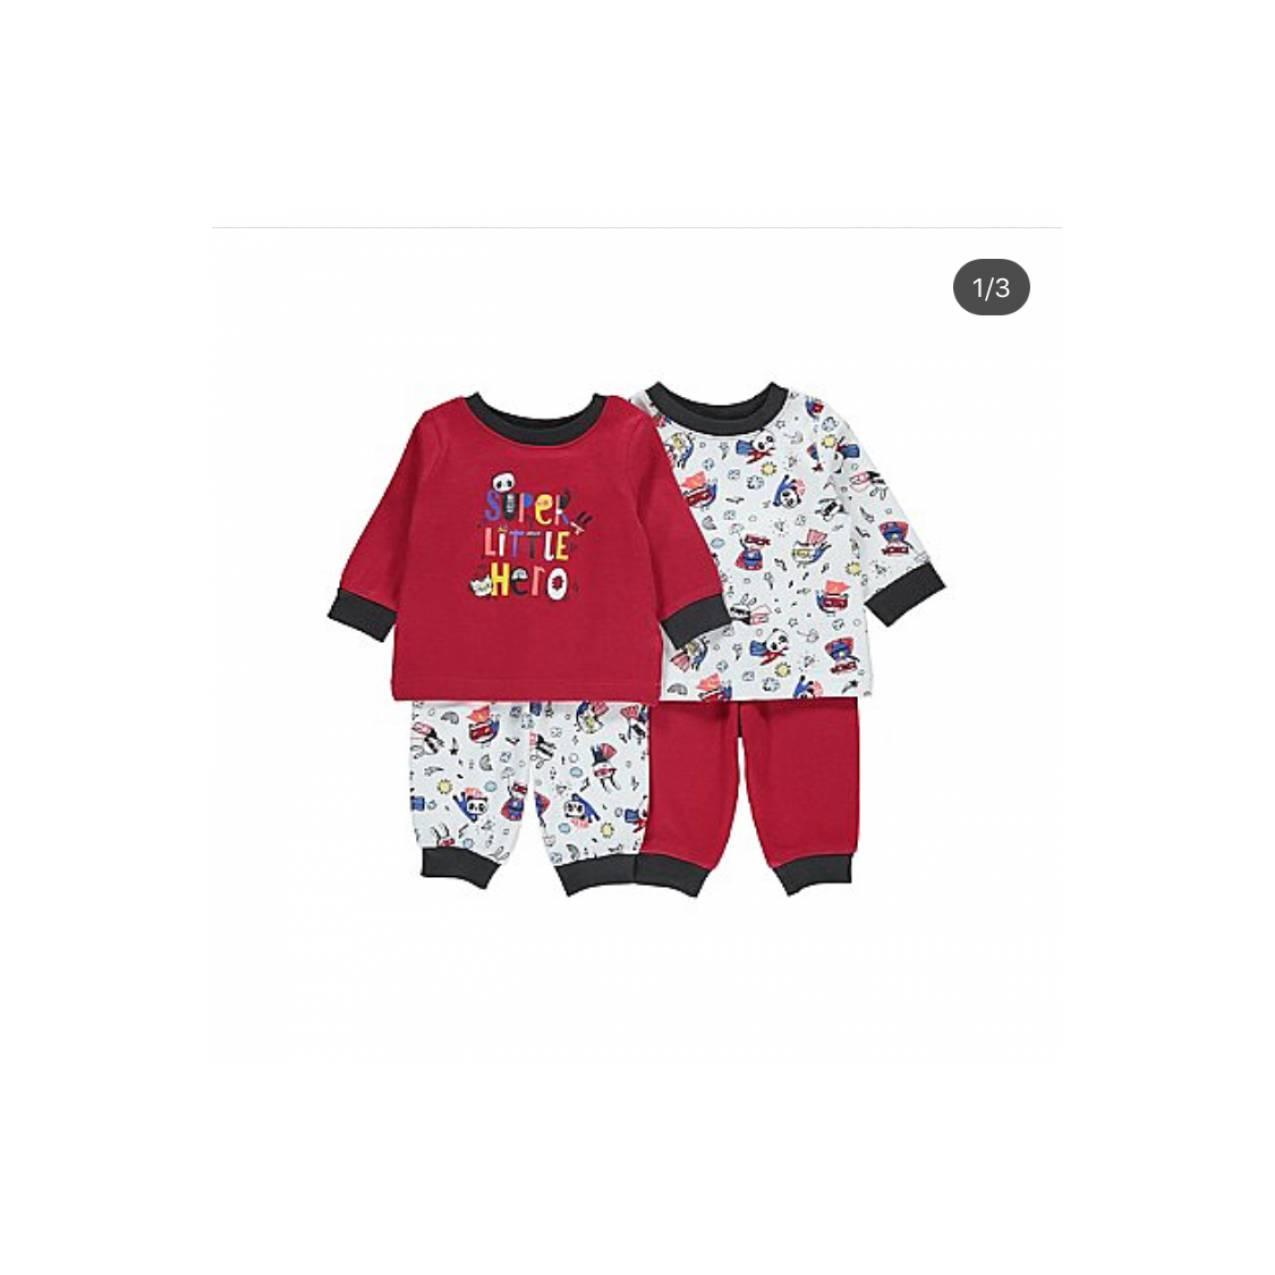 2set piyama Superhero import Inggris | baju tidur anak cowok premium